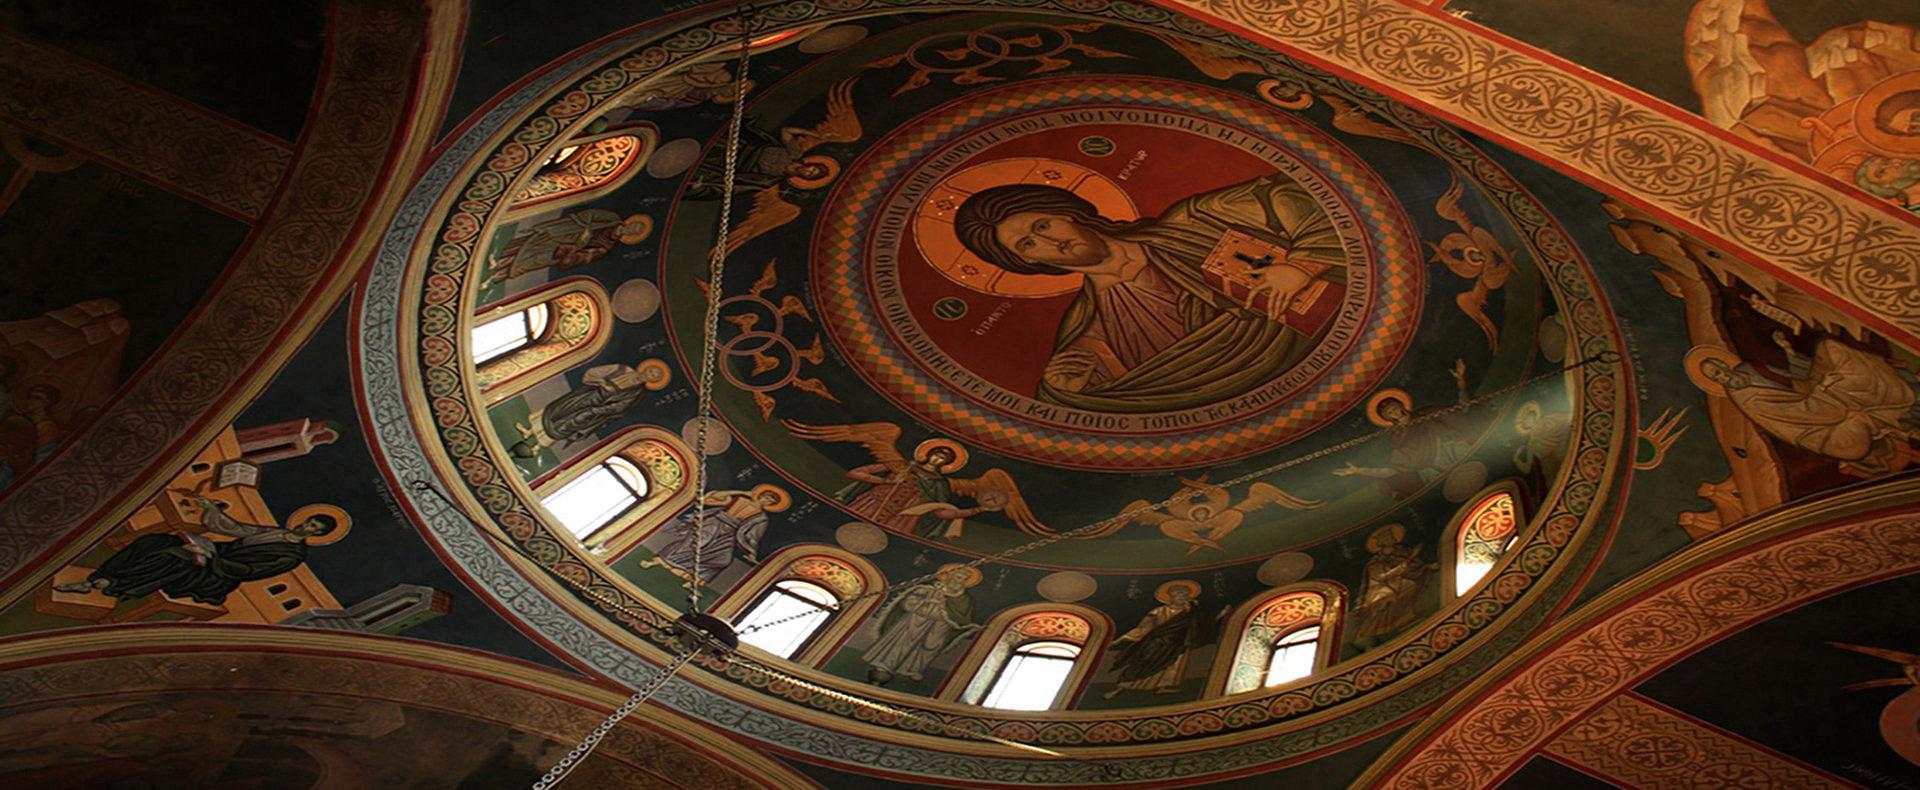 Η εκκλησία της Υπαπαντής στο Γεωργίτσι Λακωνίας